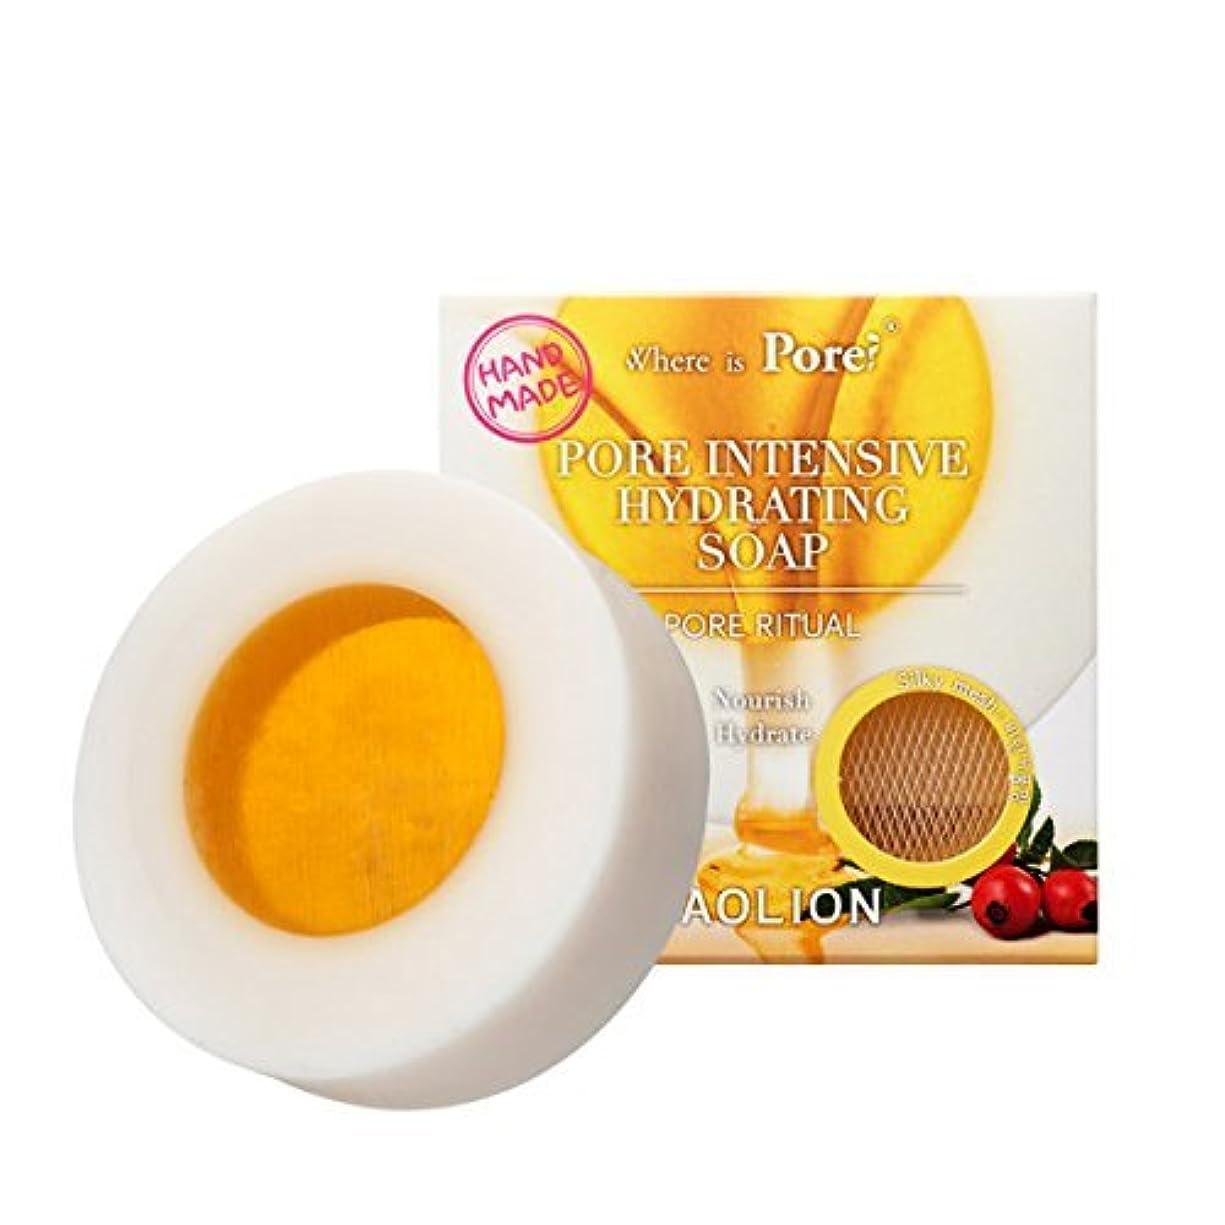 デザート不平を言う涙CAOLION Pore Intensive Hydrating Soap やさしいソープモイスチャーソープ [海外直送品] [並行輸入品]